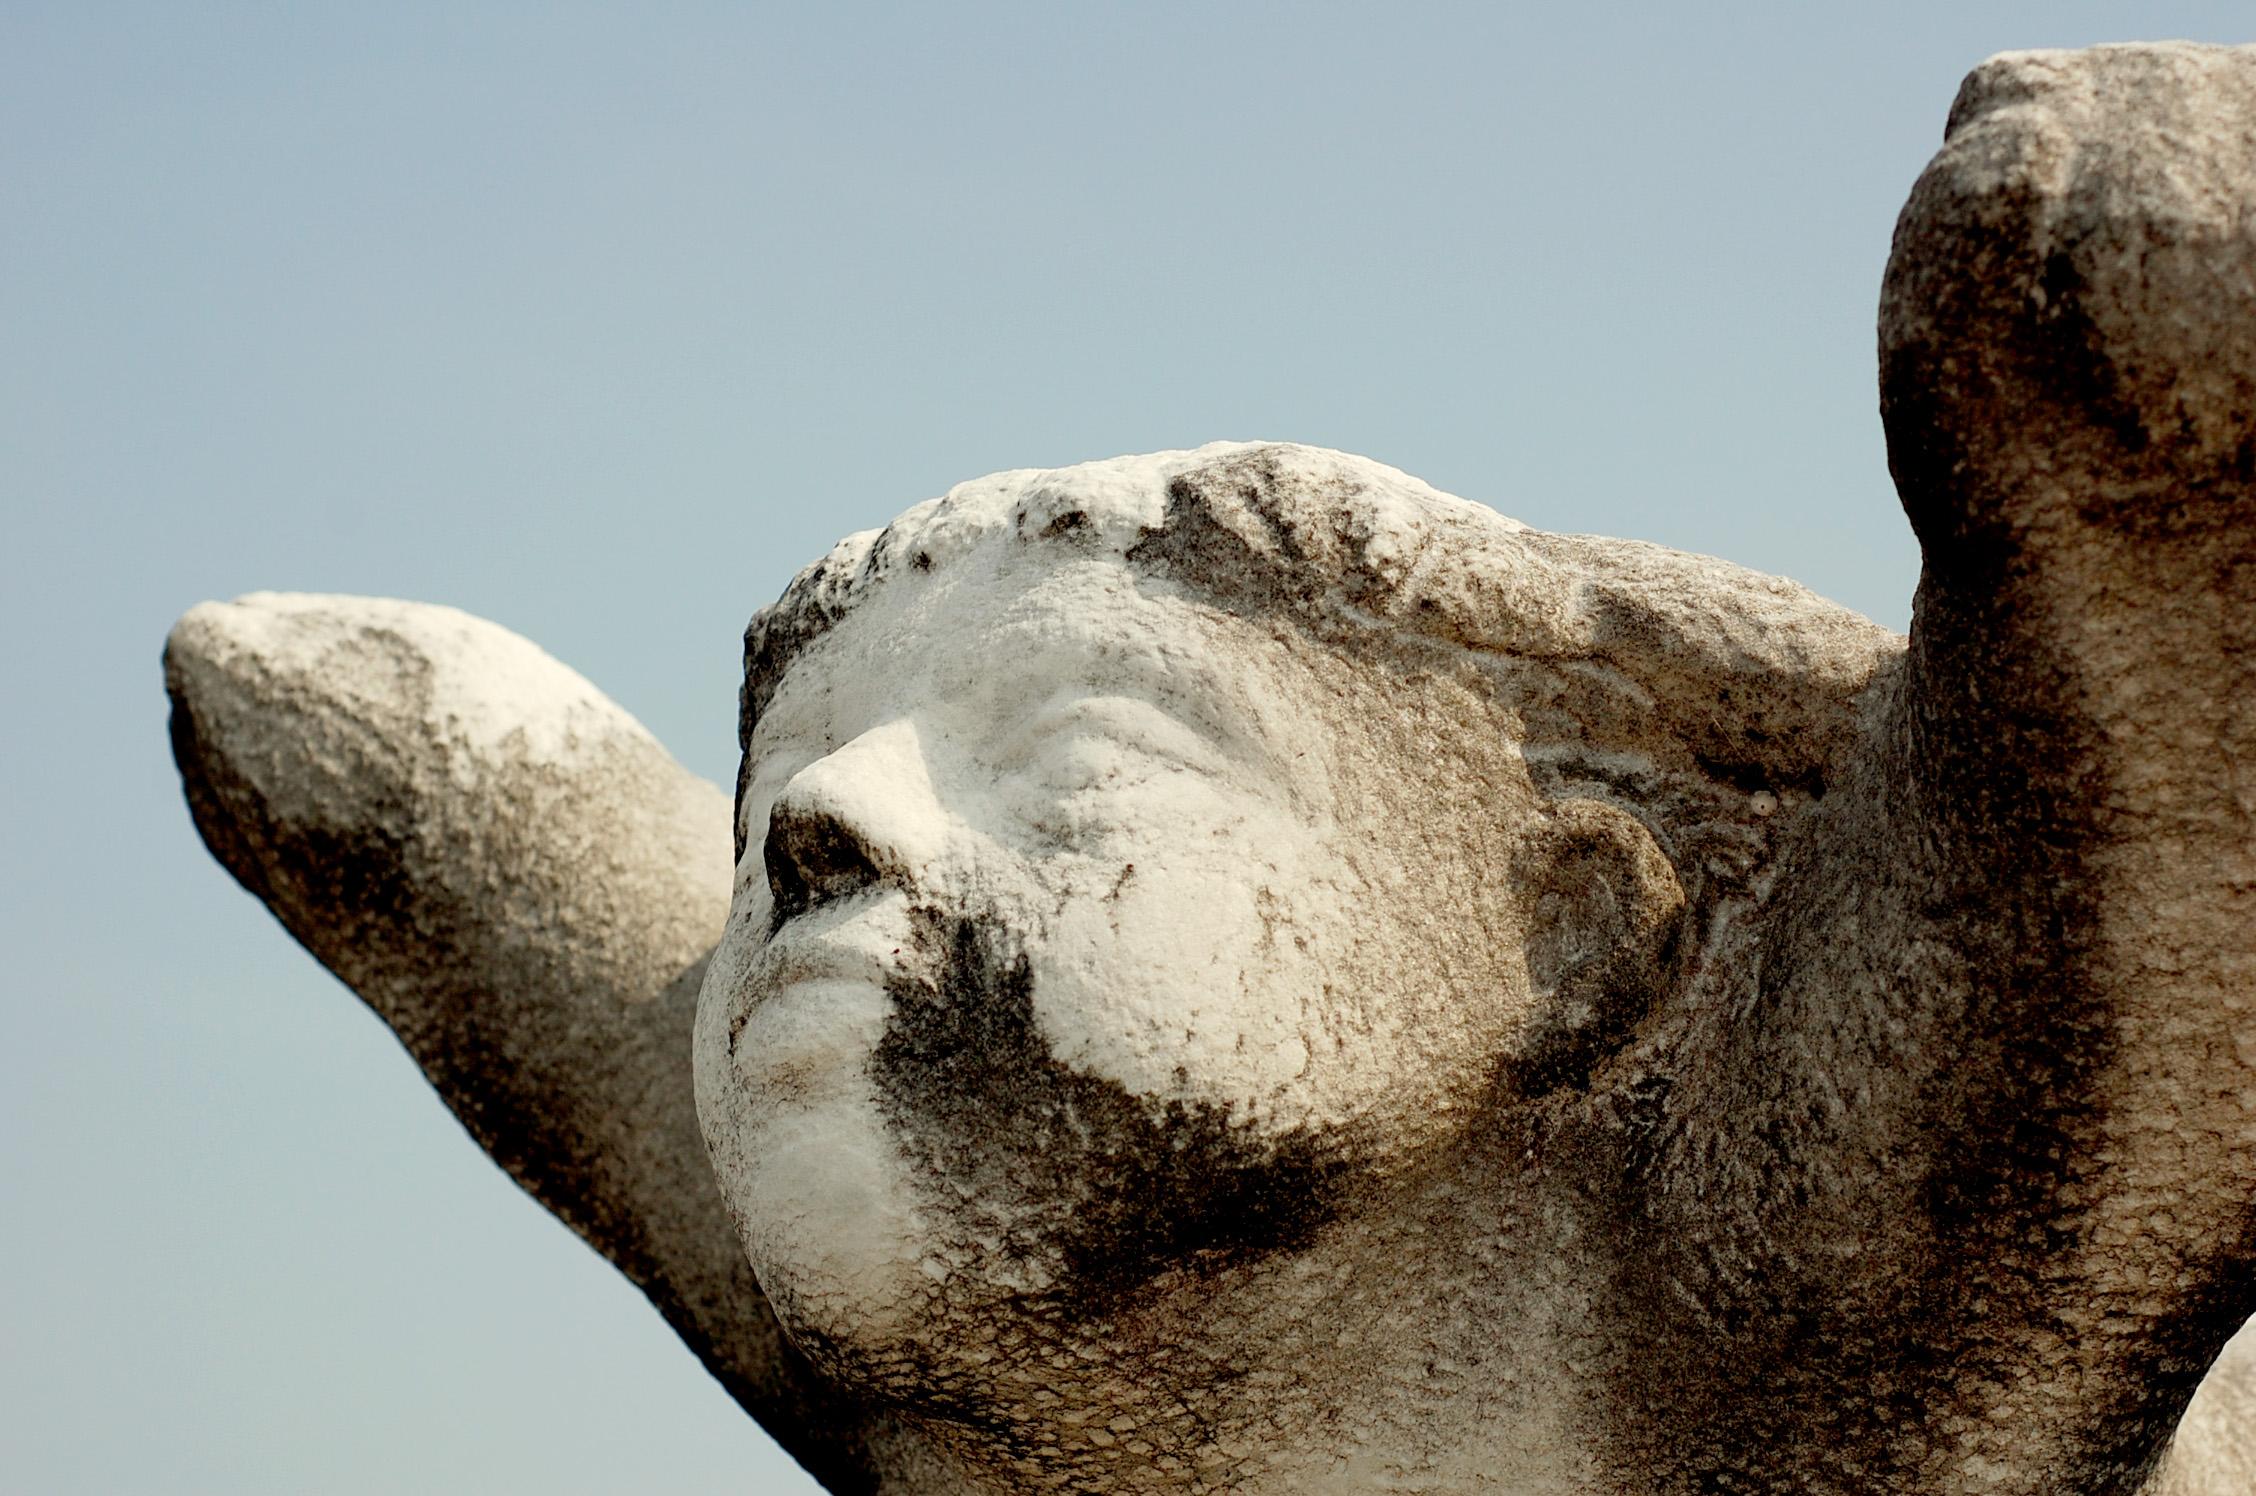 カメラを持って歩いてみよう 謎の石像